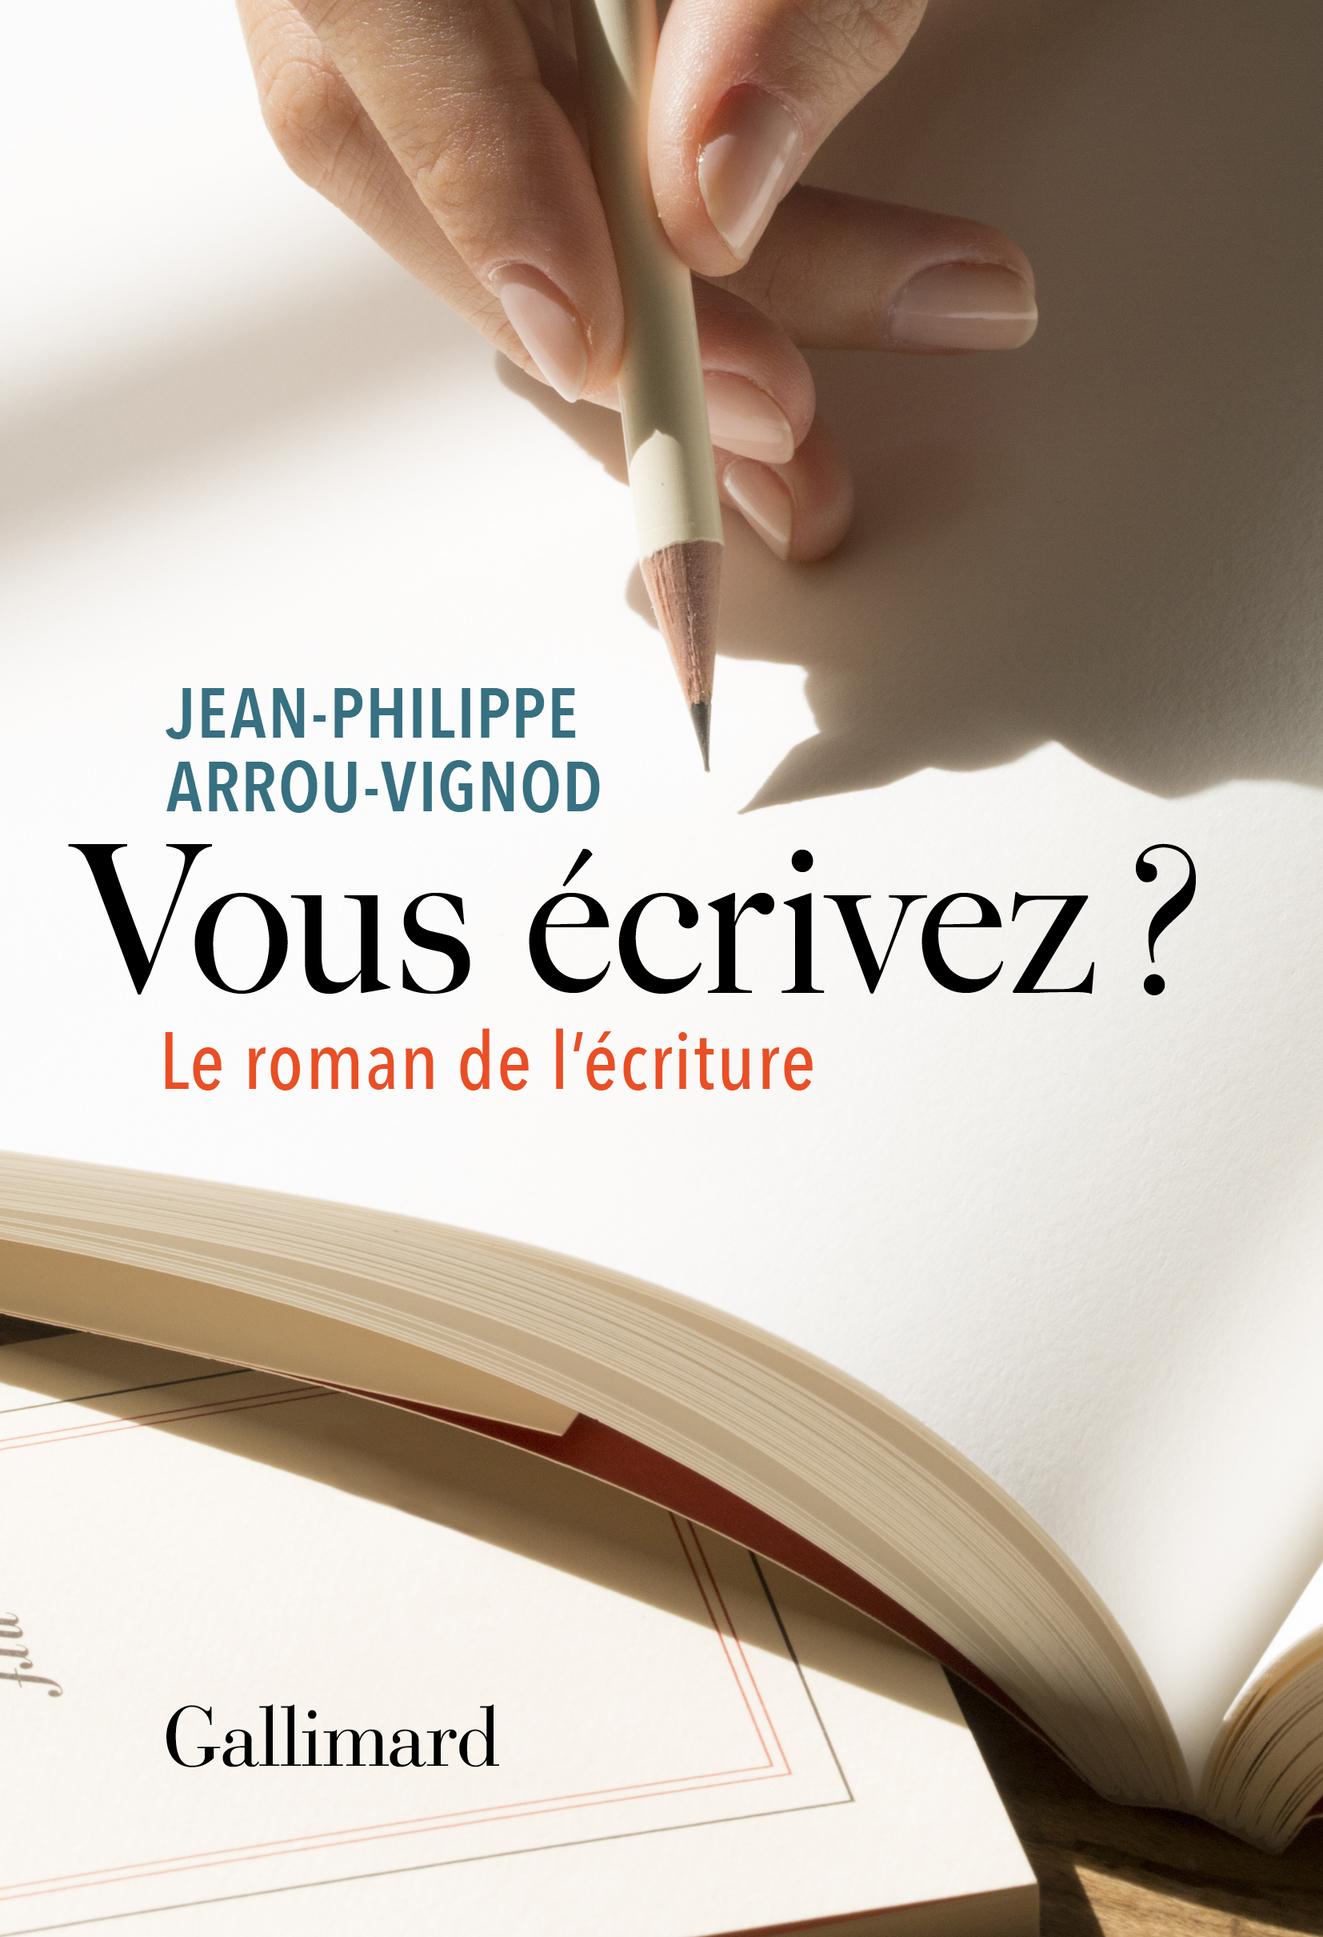 J.-Ph. Arrou-Vignod, Vous écrivez ? Le roman de l'écriture